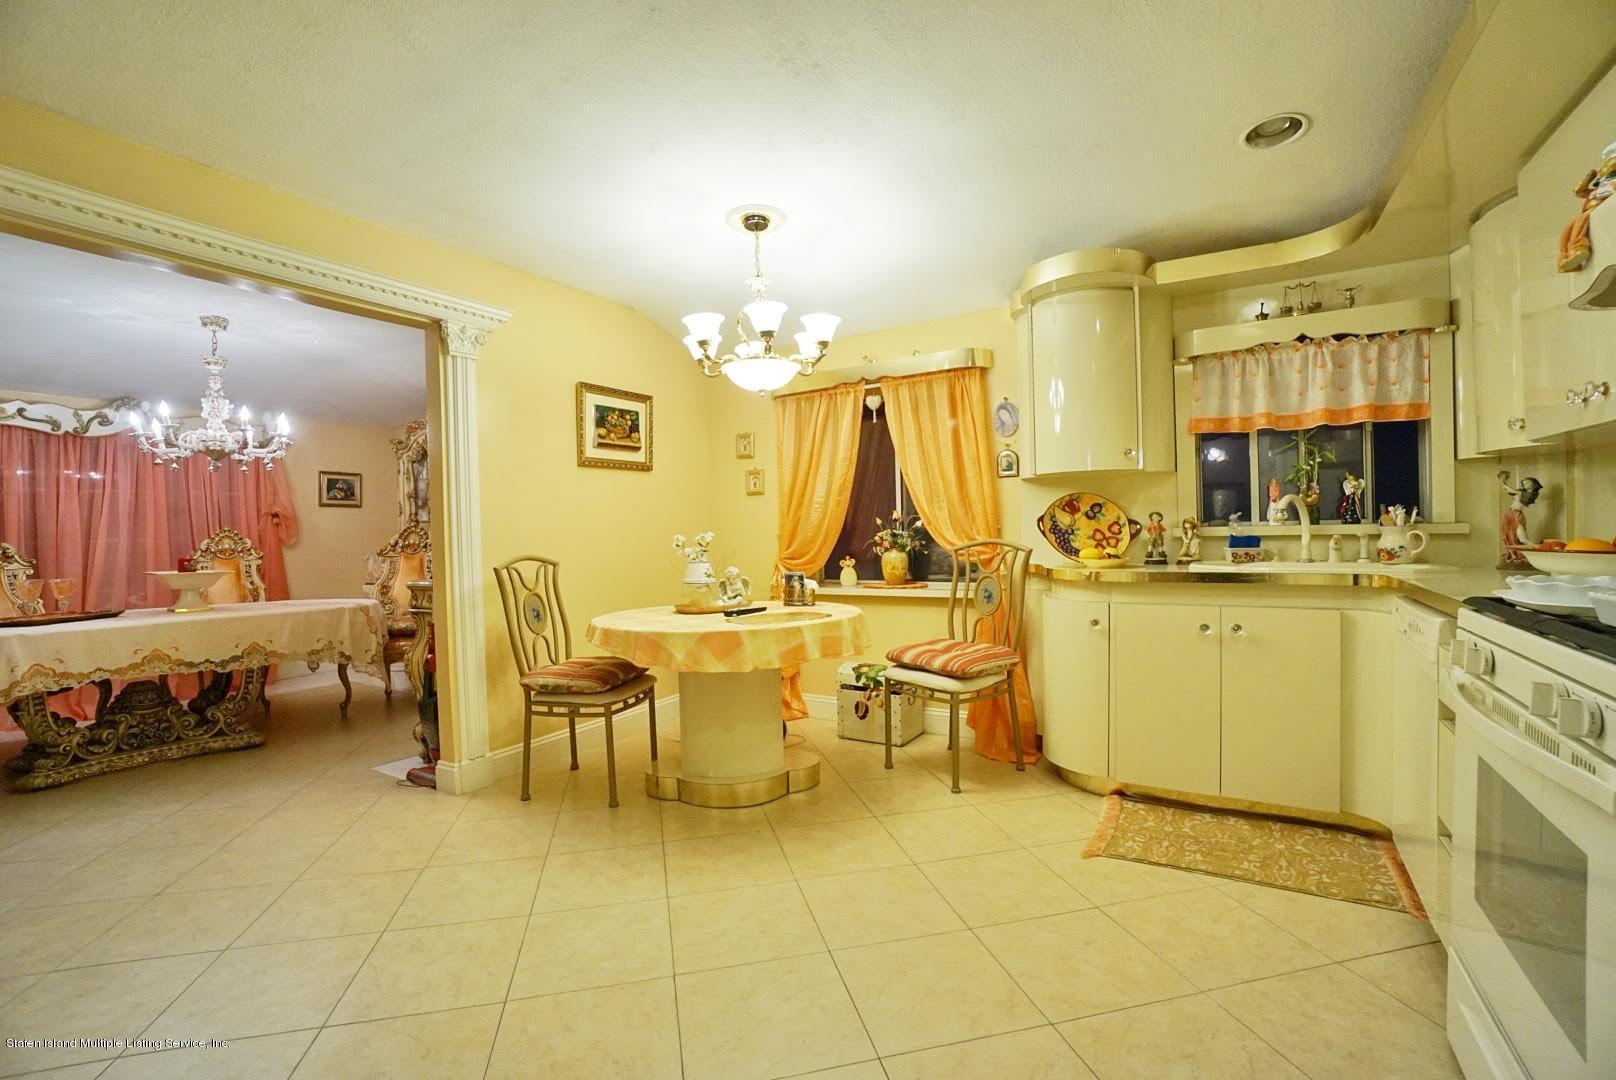 Single Family - Detached 81 Ramapo Avenue  Staten Island, NY 10309, MLS-1132028-16